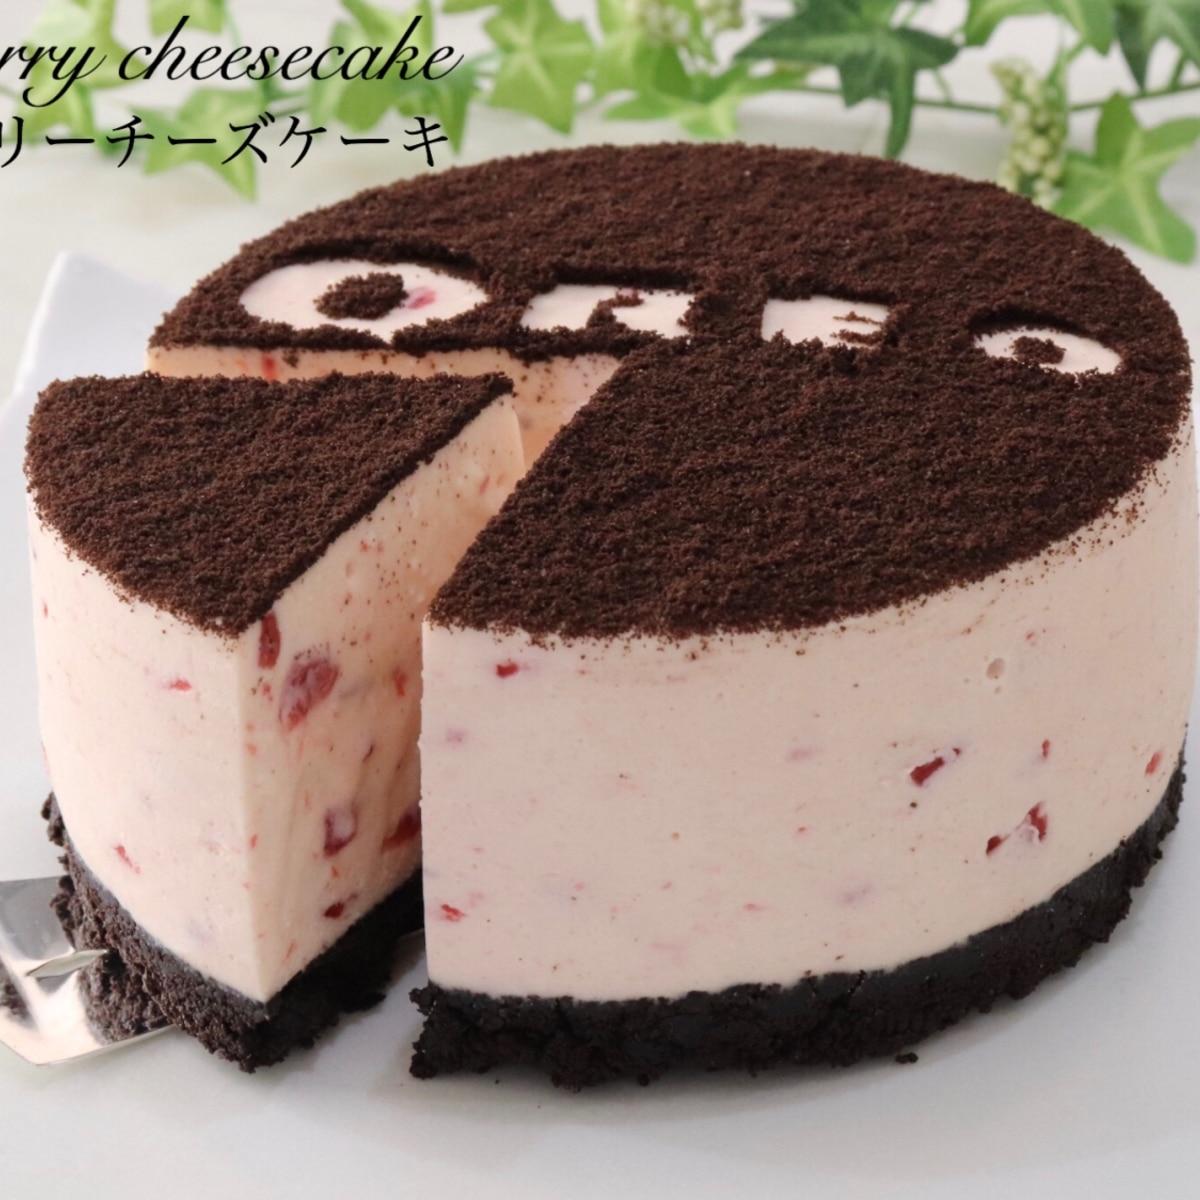 オレオ チーズ ケーキ 作り方